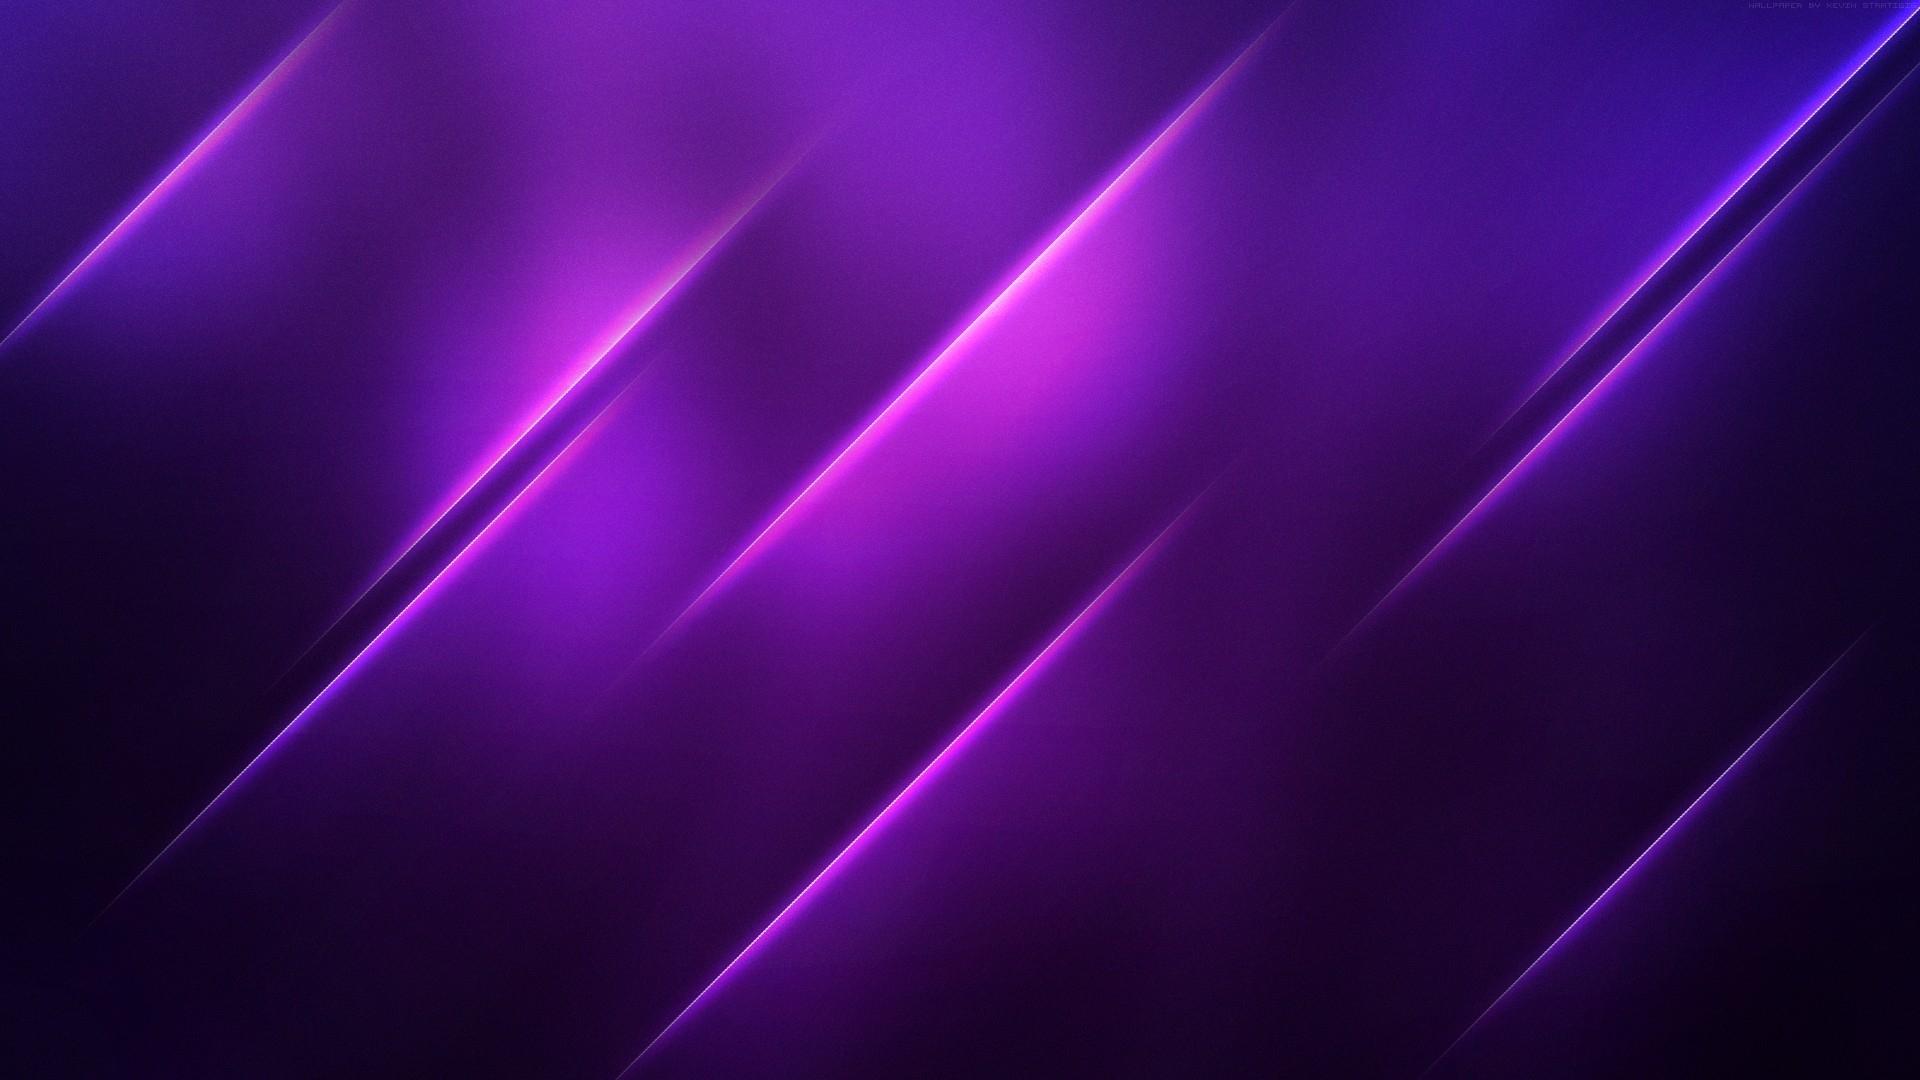 50+ The Latest Lovable Purple HD Wallpaper